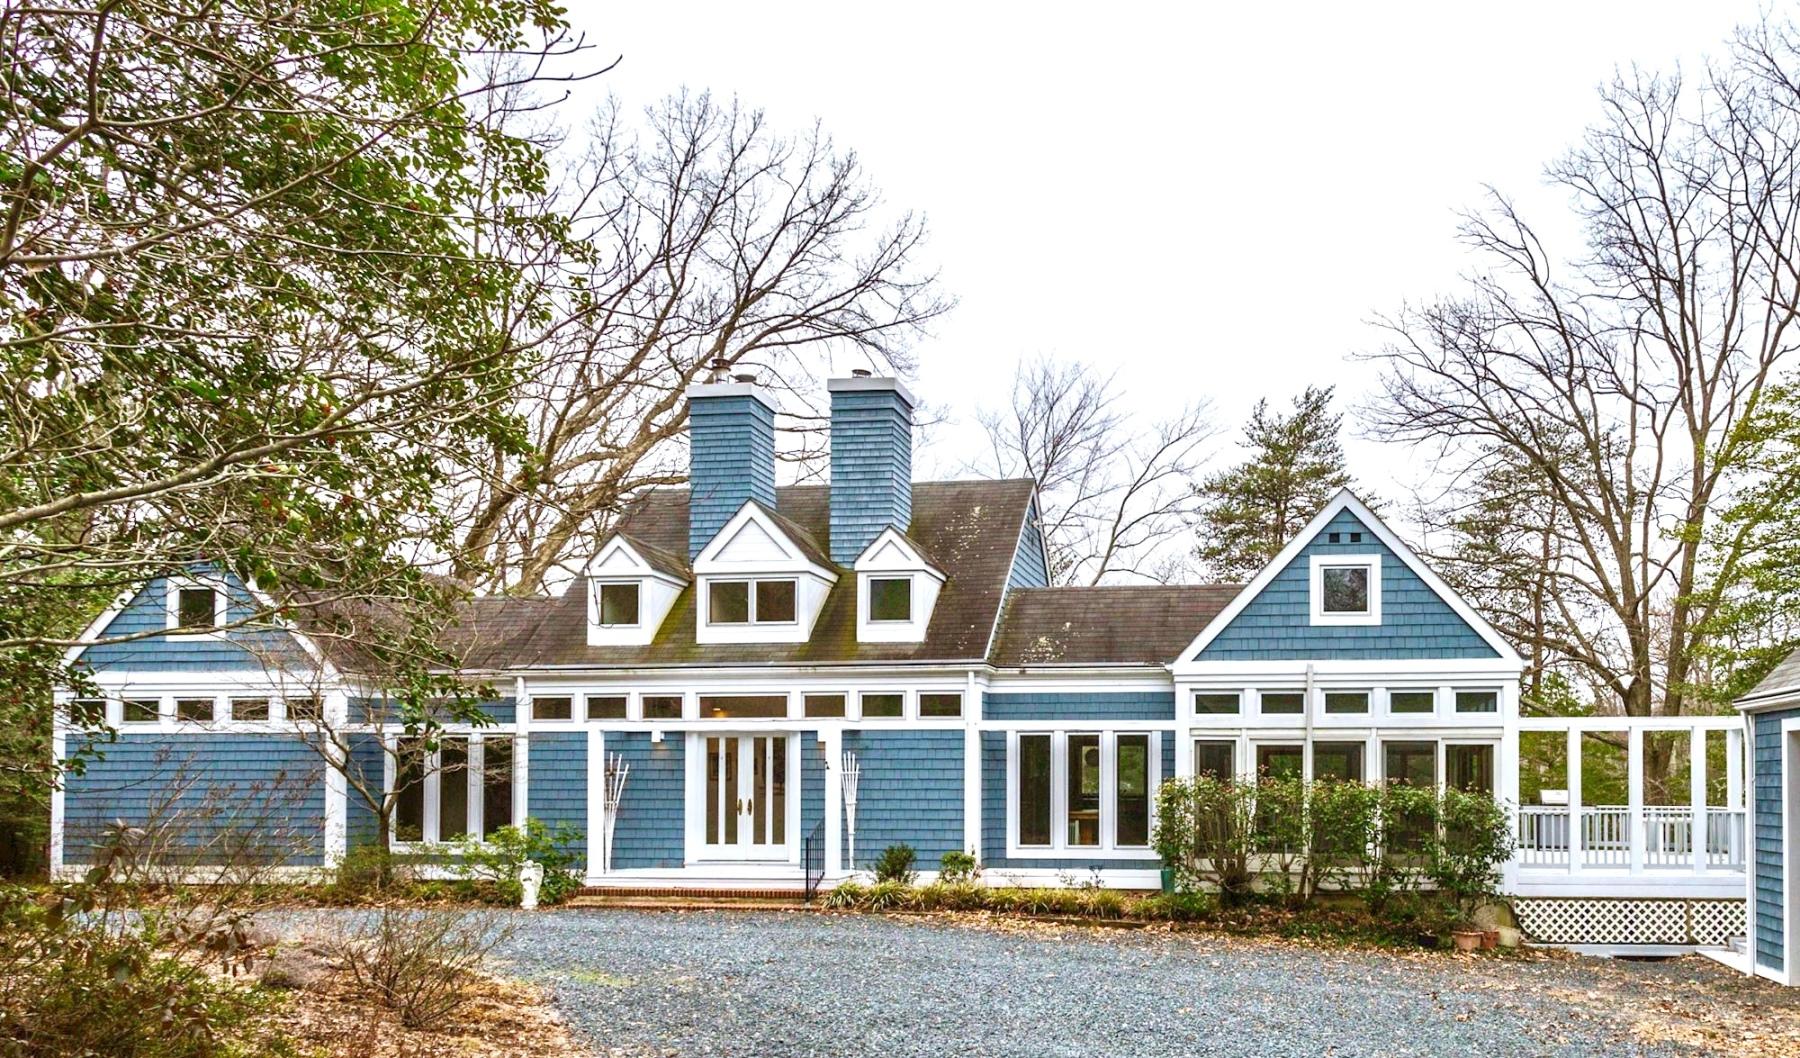 Maison unifamiliale pour l Vente à 614 Stillwater Road, Gibson Island 614 Stillwater Rd Gibson Island, Maryland 21056 États-Unis